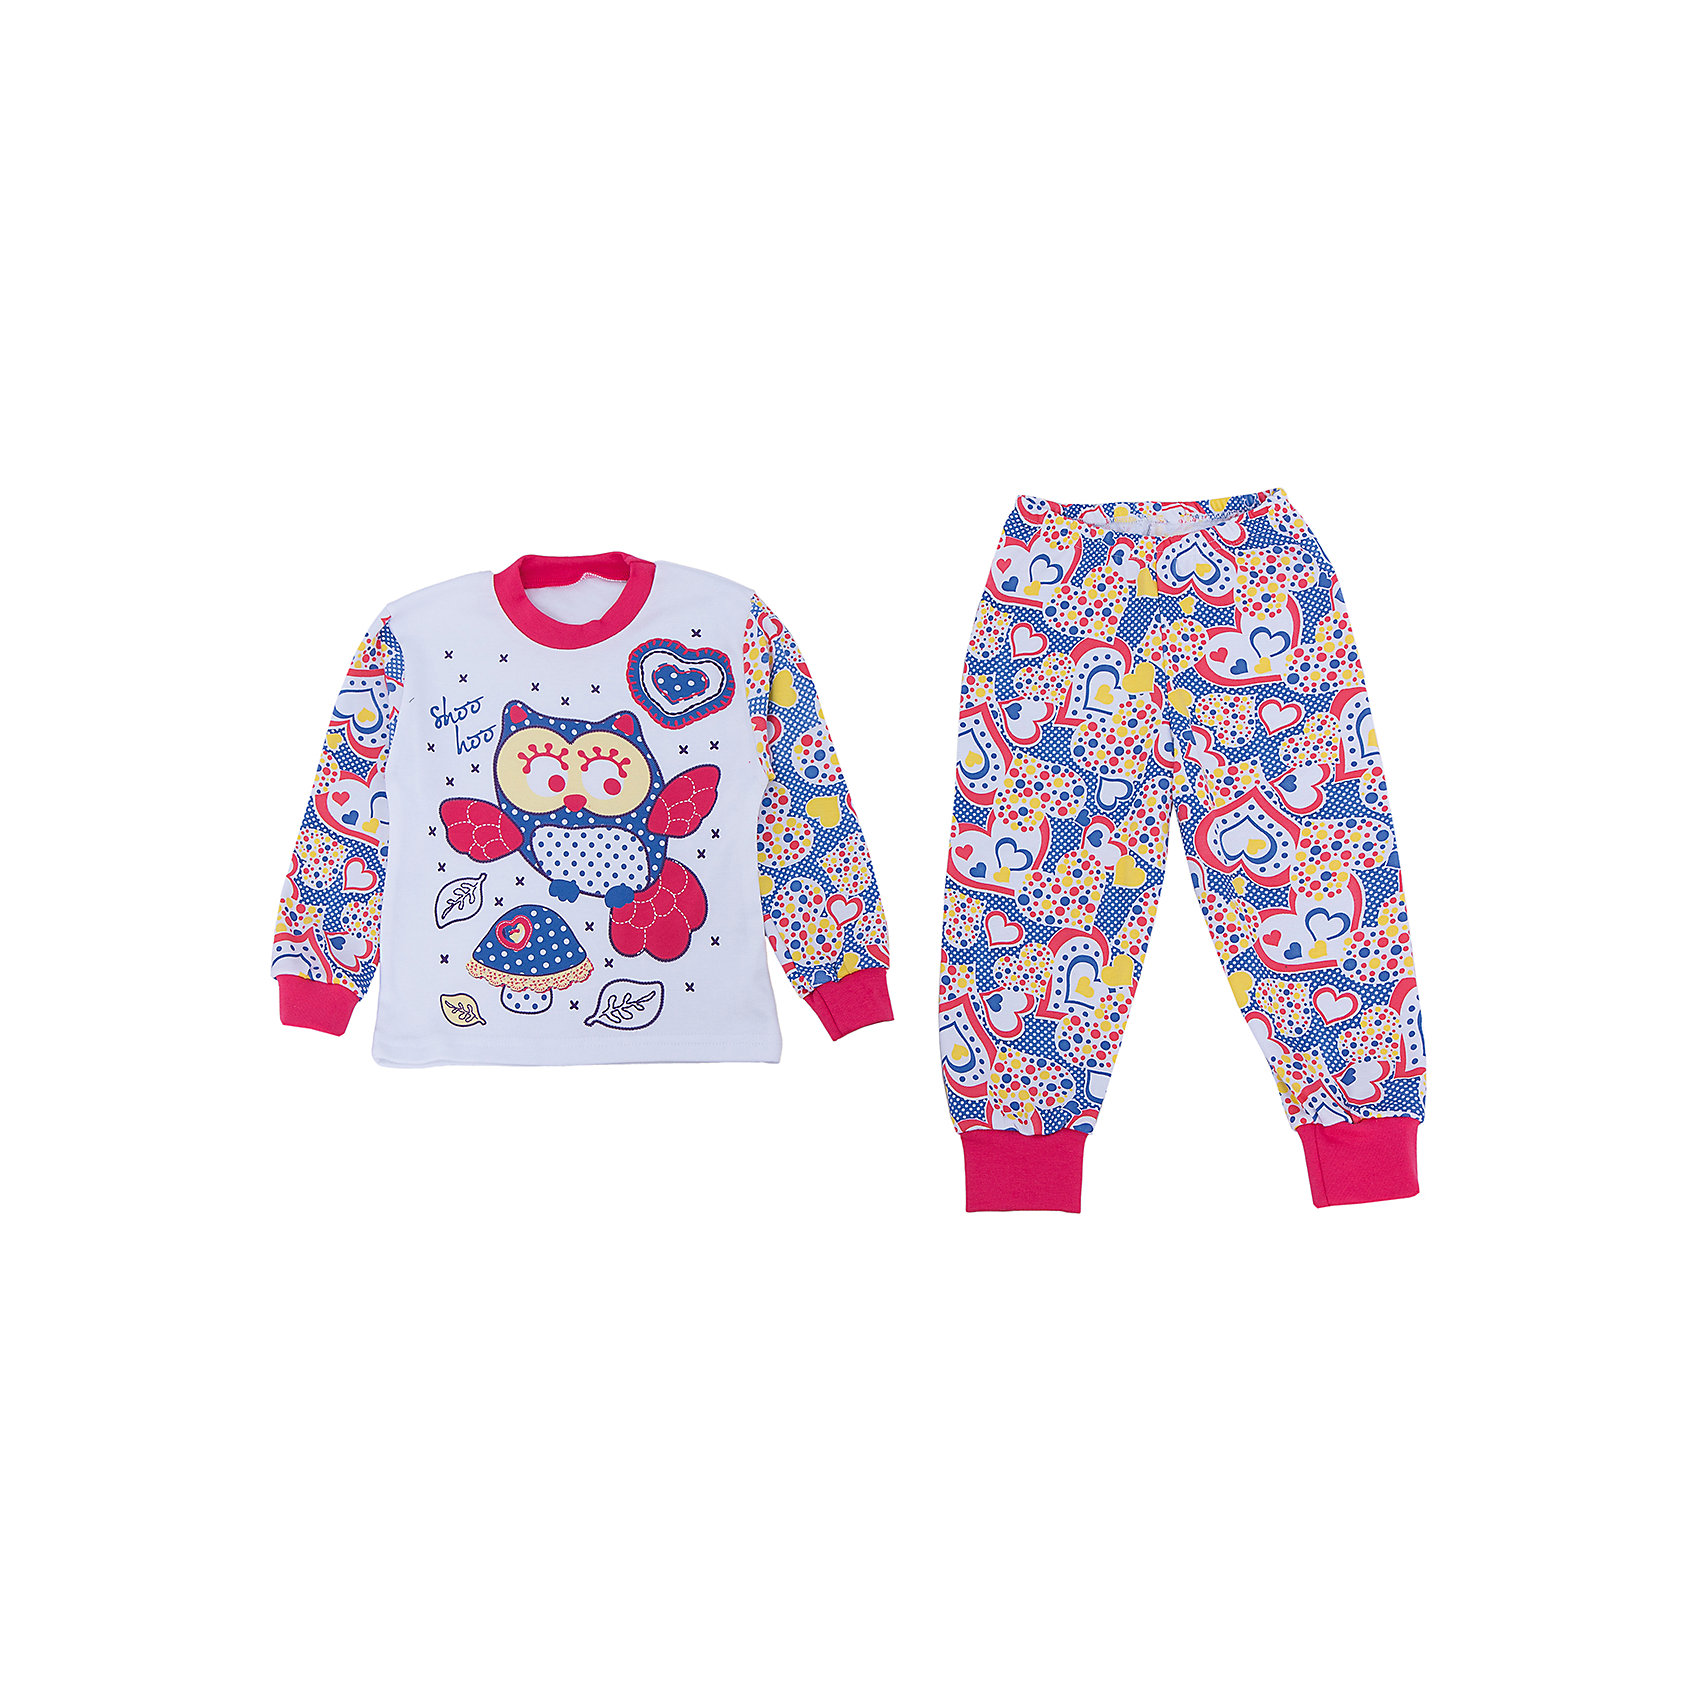 Пижама для девочки АпрельПижама Апрель.<br><br>Характеристики:<br>• материал: хлопок<br>• цвет: синий<br><br>Яркая пижама от популярной марки Апрель выполнена из мягкого хлопка, приятного телу, что ребенок сможет оценить во время сна. Манжеты не позволят холодному воздуху проникнуть под одежду. Модель украшена ярким рисунком с сердечками и совой. В такой пижаме ваш ребенок увидит самые приятные и яркие сны!<br><br>Купить пижаму Апрель можно в нашем интернет-магазине.<br><br>Ширина мм: 281<br>Глубина мм: 70<br>Высота мм: 188<br>Вес г: 295<br>Цвет: белый/синий<br>Возраст от месяцев: 60<br>Возраст до месяцев: 72<br>Пол: Женский<br>Возраст: Детский<br>Размер: 116,110,92,104,98<br>SKU: 4936907